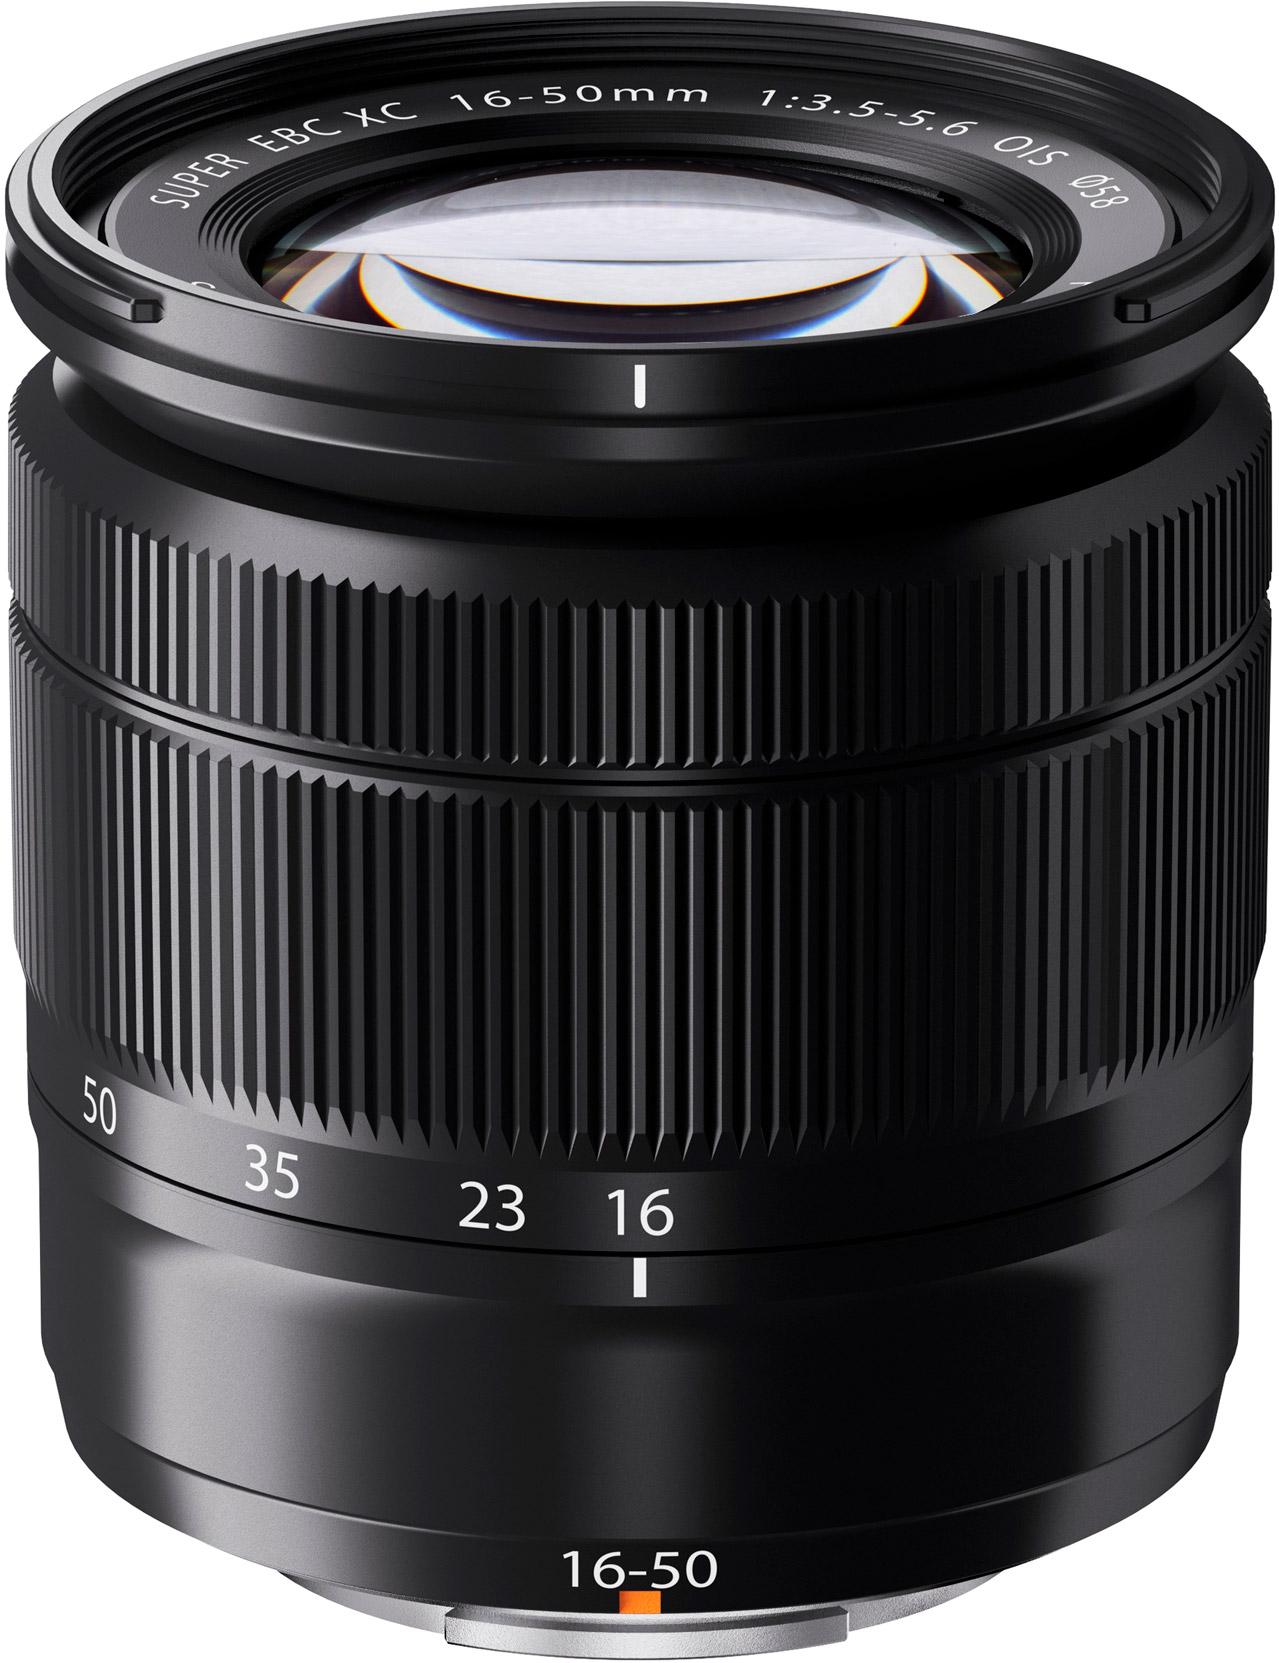 подробная инструкция от профессиональных фотографов по настройке фотокамеры nikon d7000